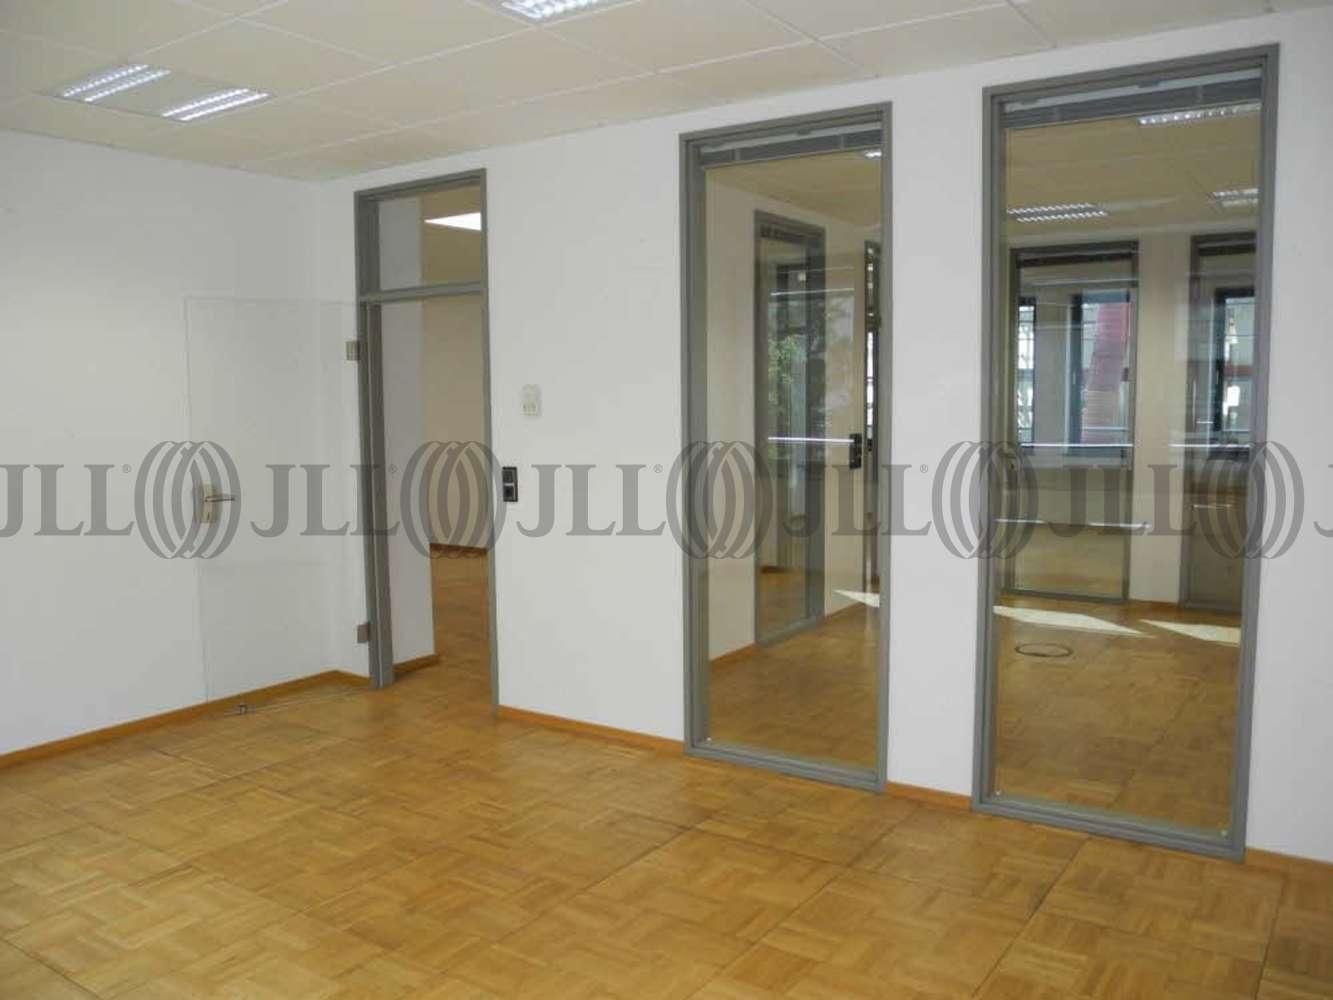 Büros Frankfurt am main, 60313 - Büro - Frankfurt am Main, Innenstadt - F2661 - 10870648